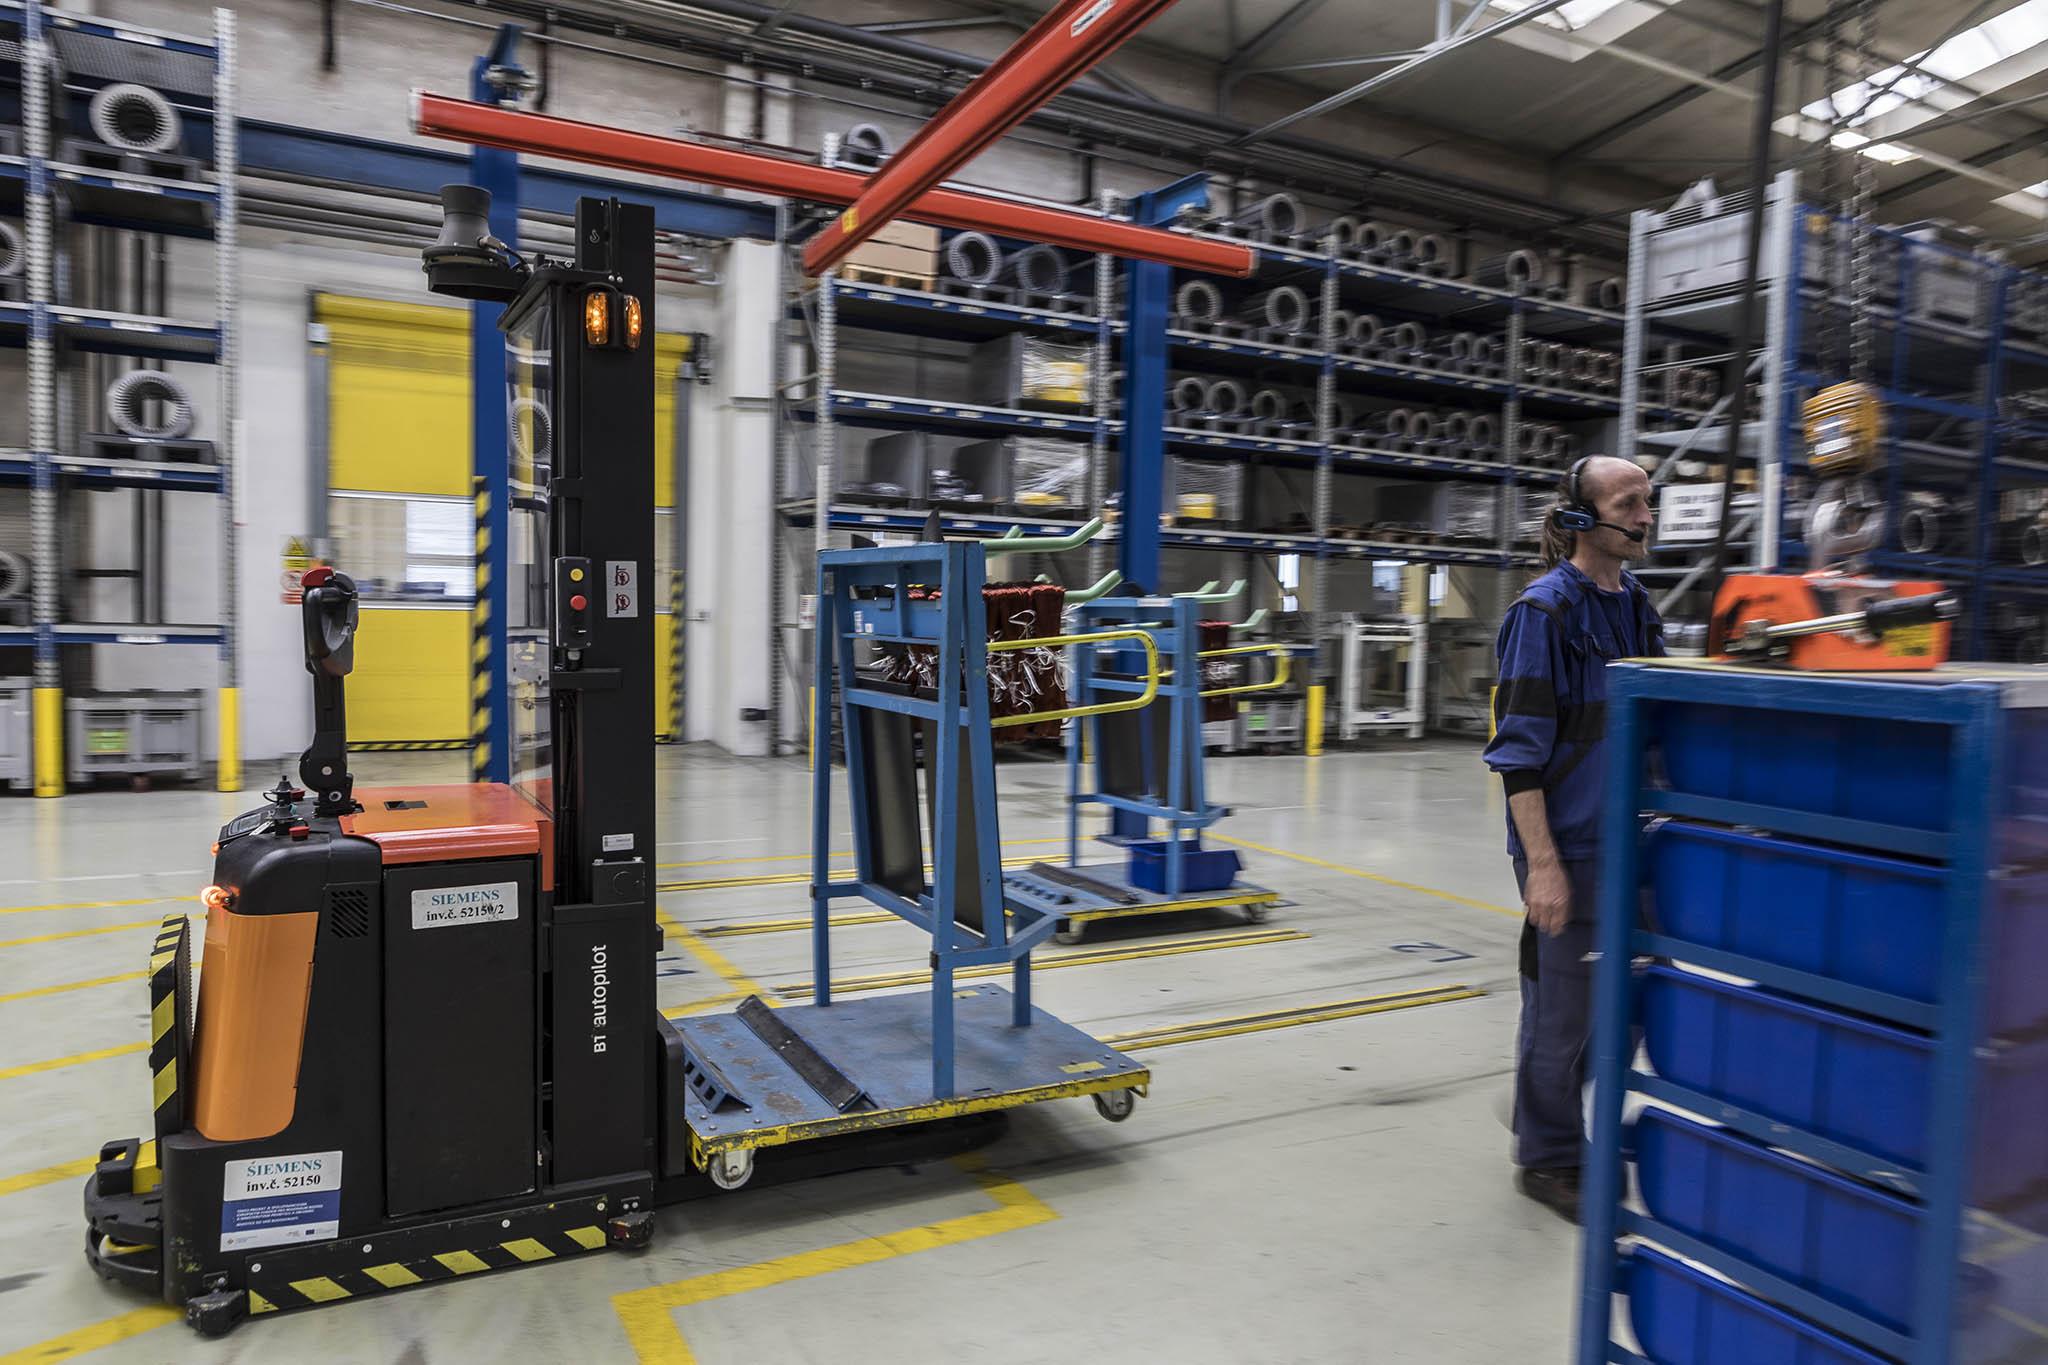 Pro vychystávání skladových položek využívají systém hlasových pokynů, které skladníci automaticky dostávají dosluchátek. Kontejnery smateriálem rozvážejí plně automatické manipulační vozíky.